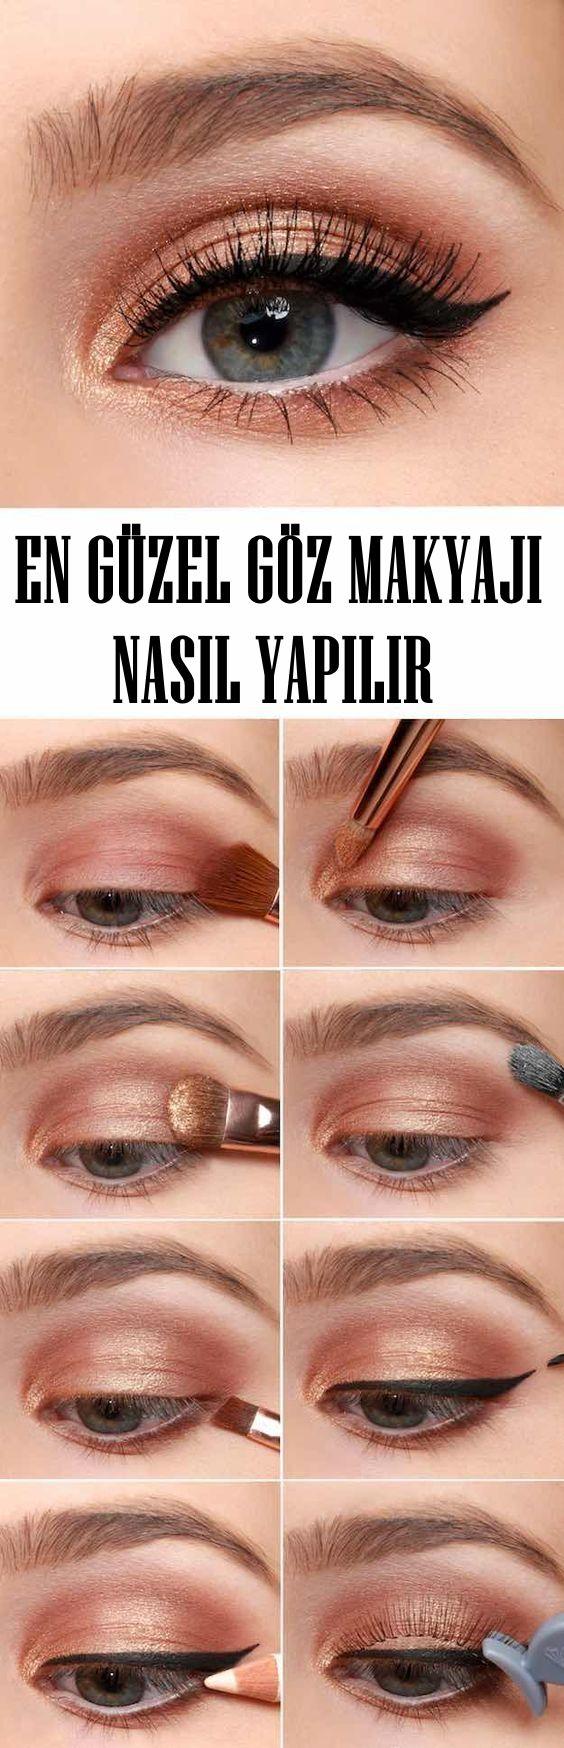 En Güzel Göz Makyajı Nasıl Yapılır